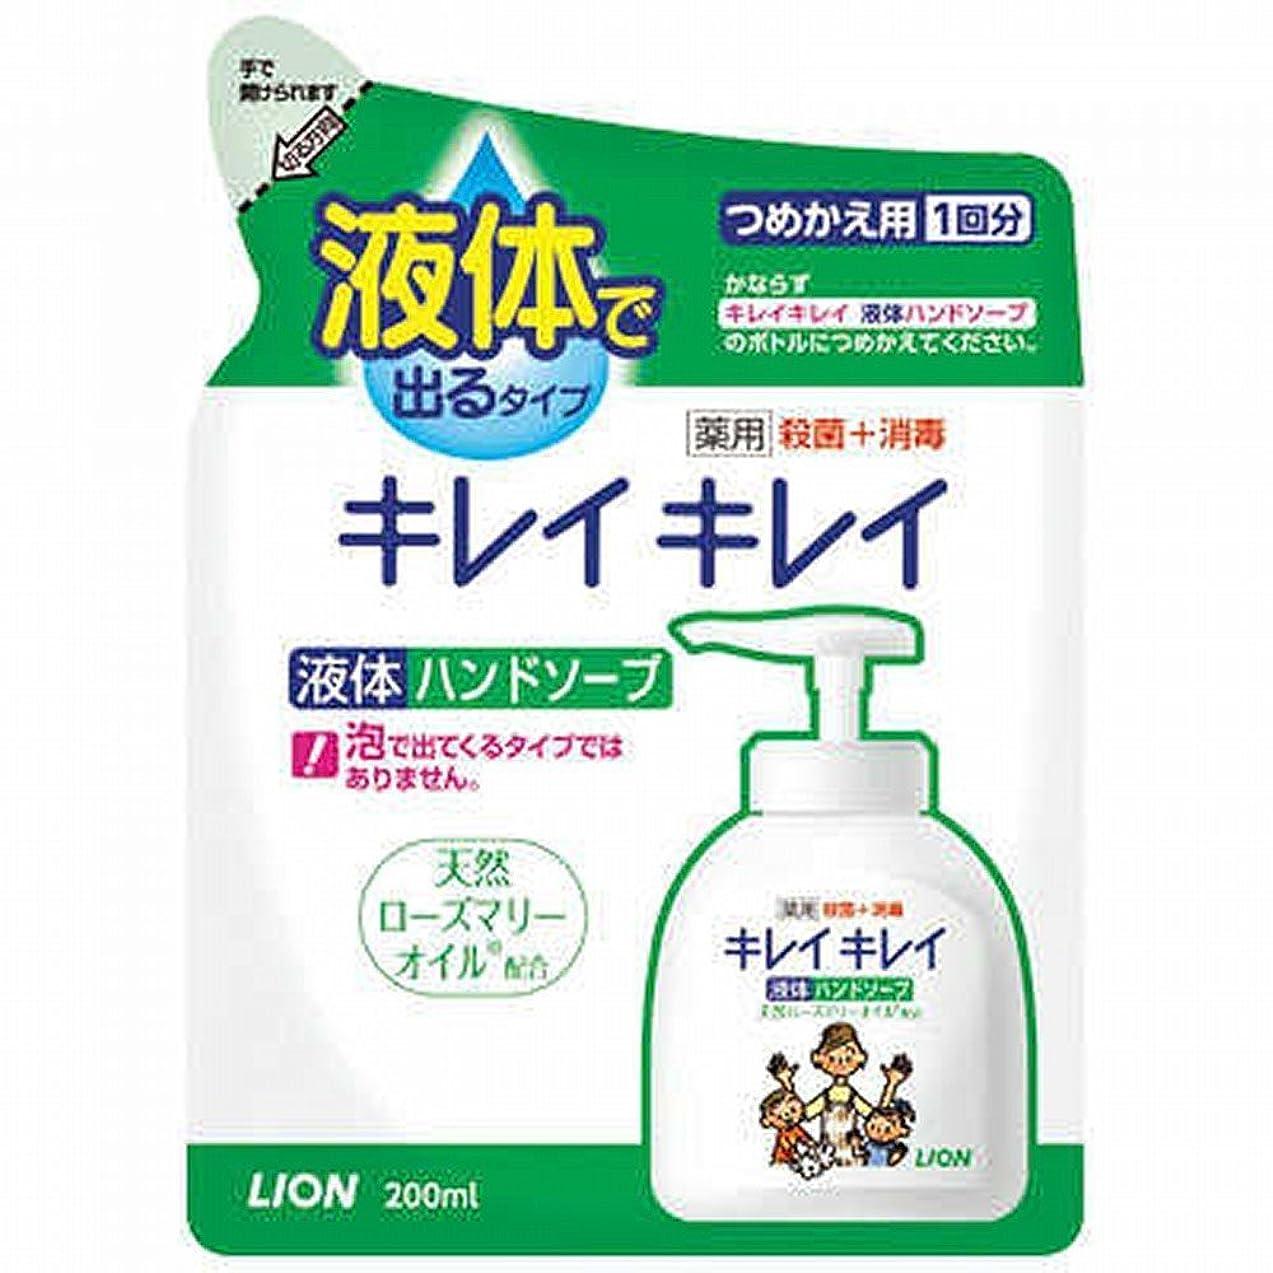 稚魚ラベ業界キレイキレイ 薬用液体ハンドソープ  詰替用 200ml ×20個セット